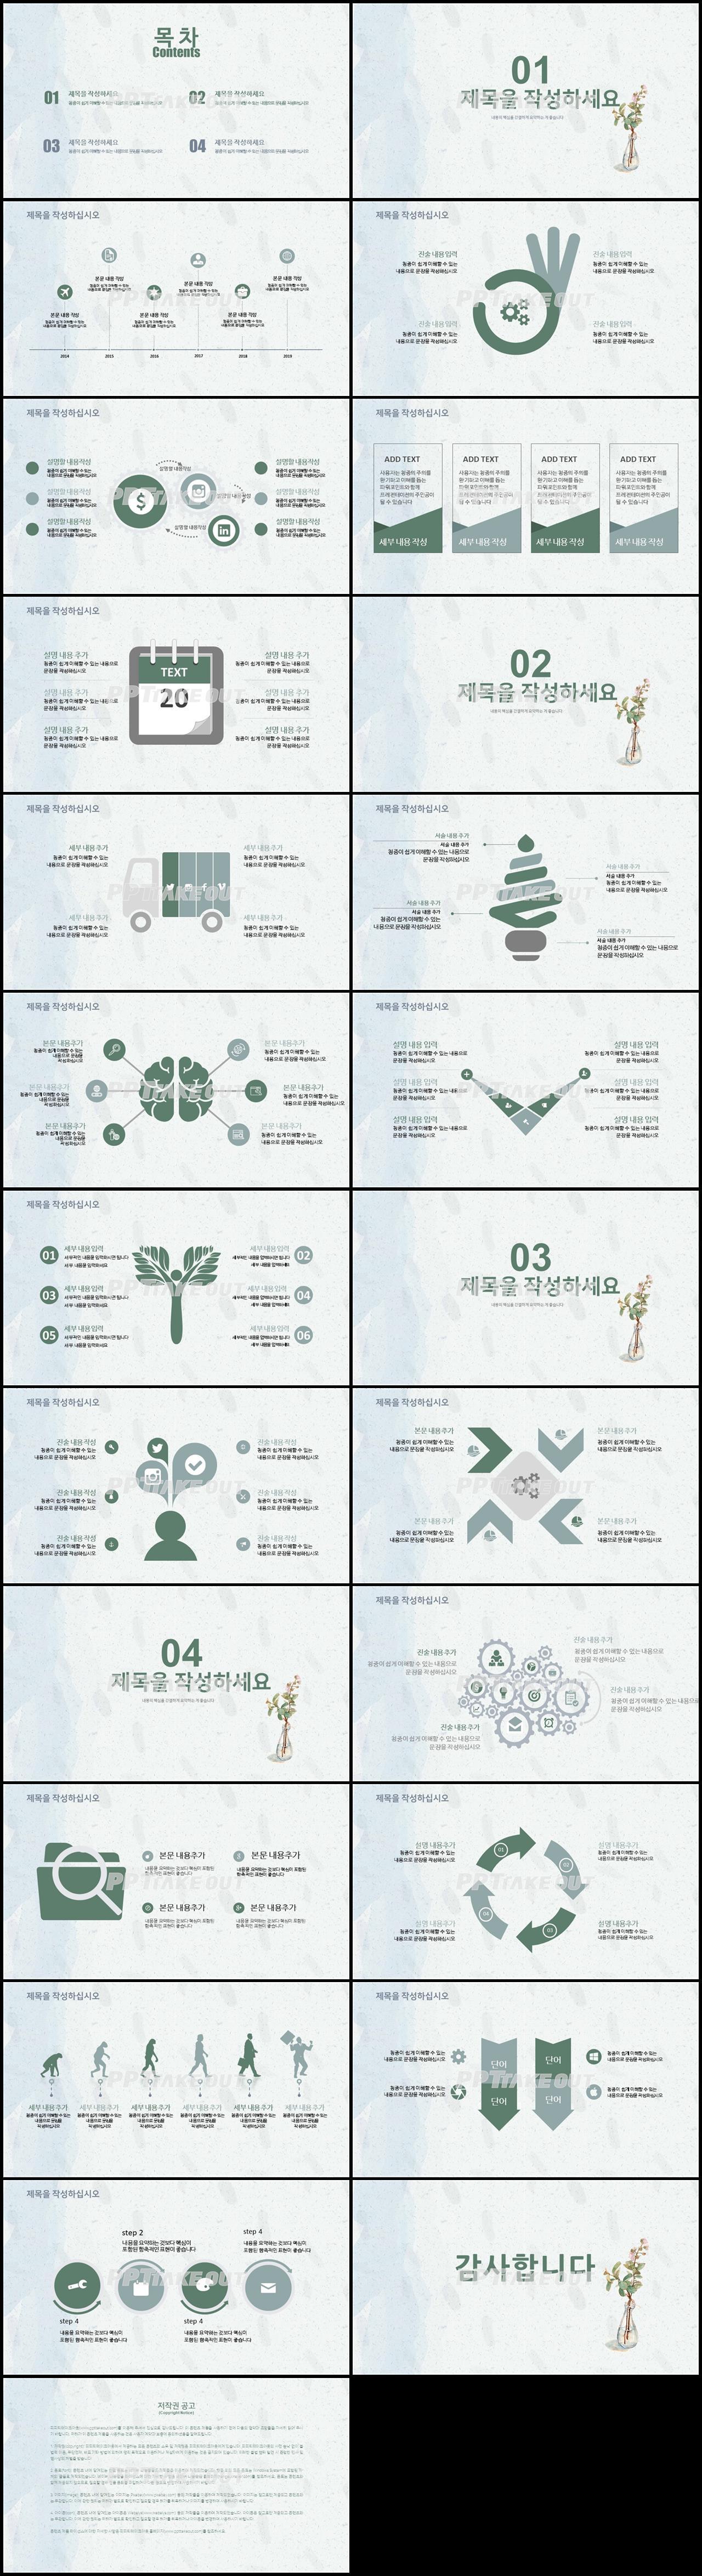 플라워, 동물주제 녹색 수채화 다양한 주제에 어울리는 피피티템플릿 디자인 상세보기